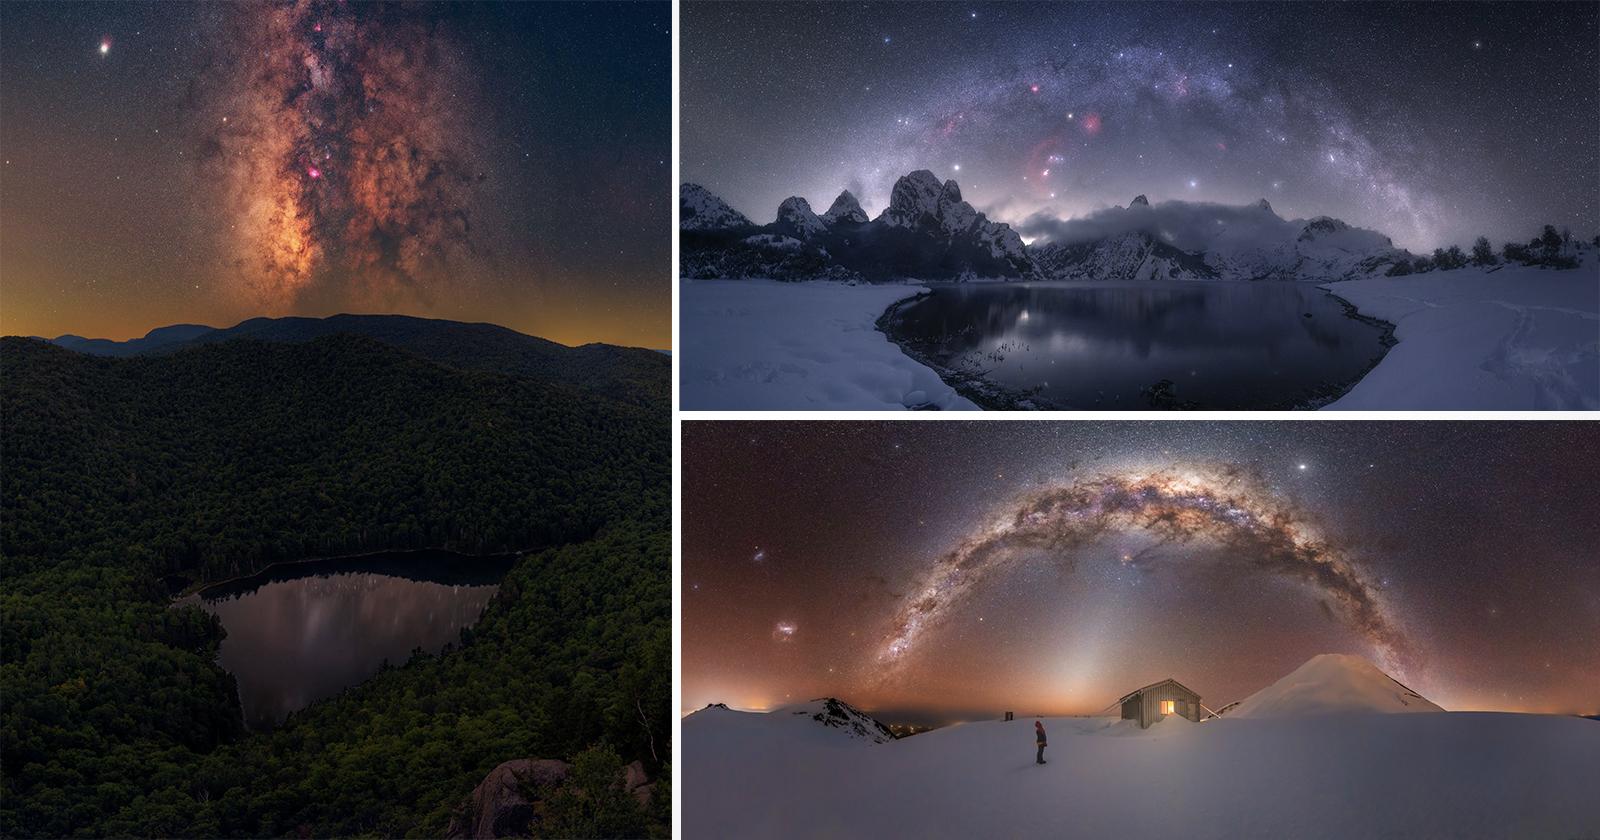 10 foto incredibili dal fotografo dell'anno 2021 della Via Lattea